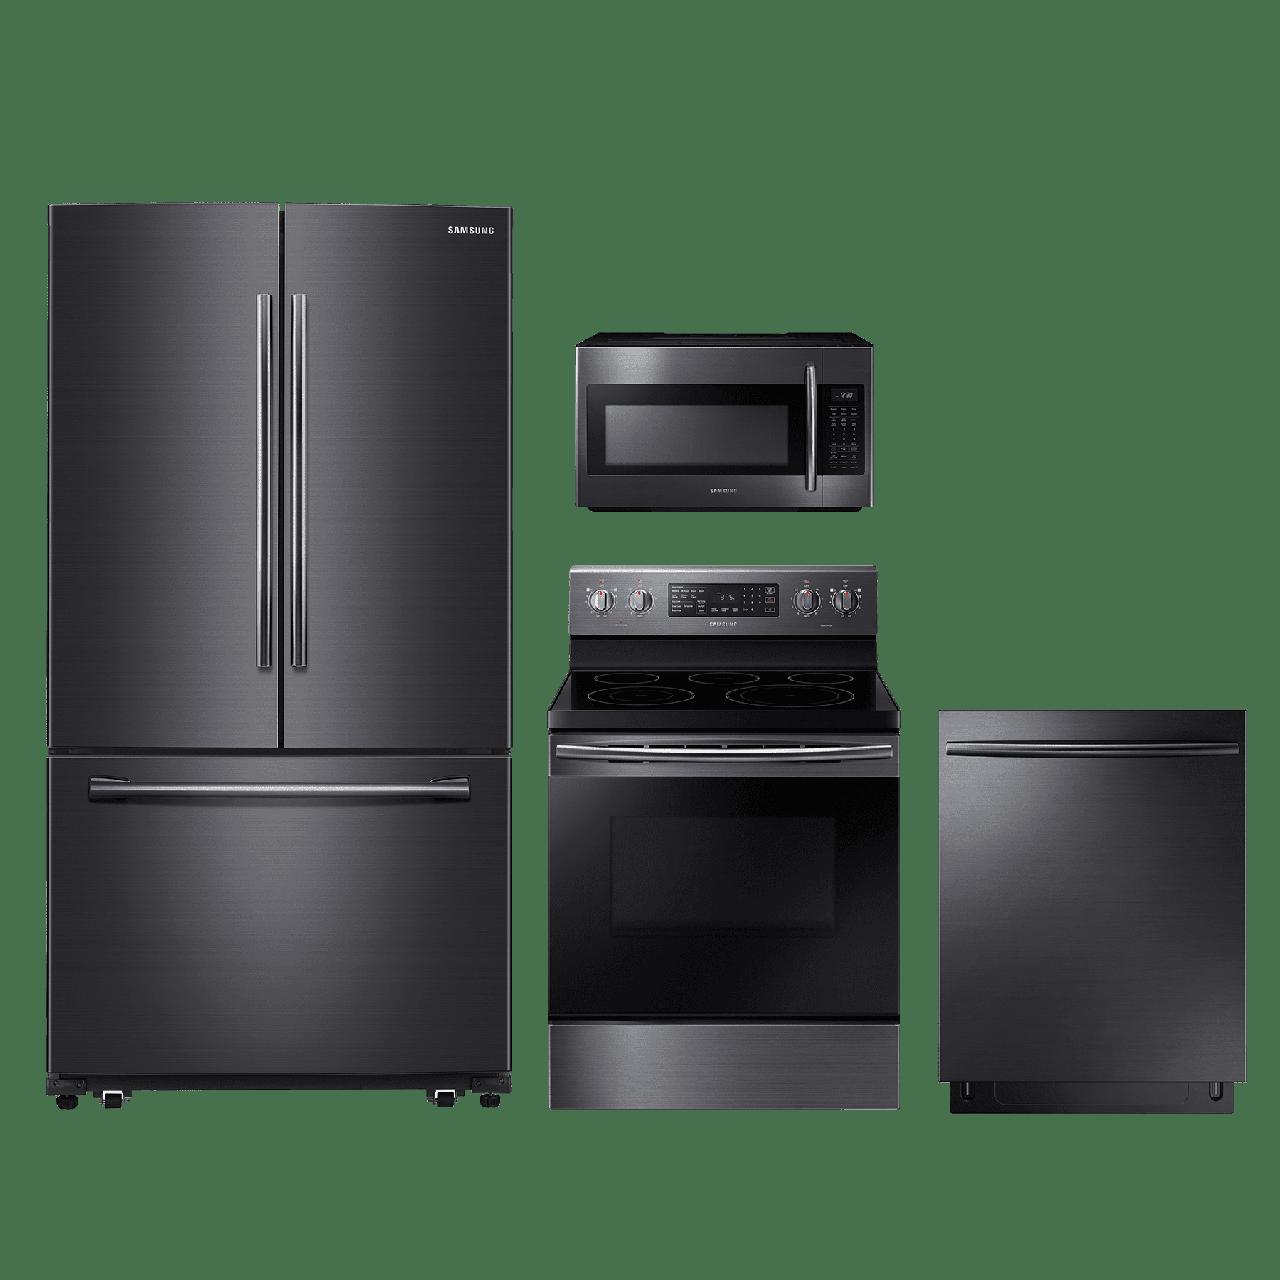 Black Stainless Steel Kitchen Appliances: Samsung 4 Piece Kitchen Package-Black Stainless Steel